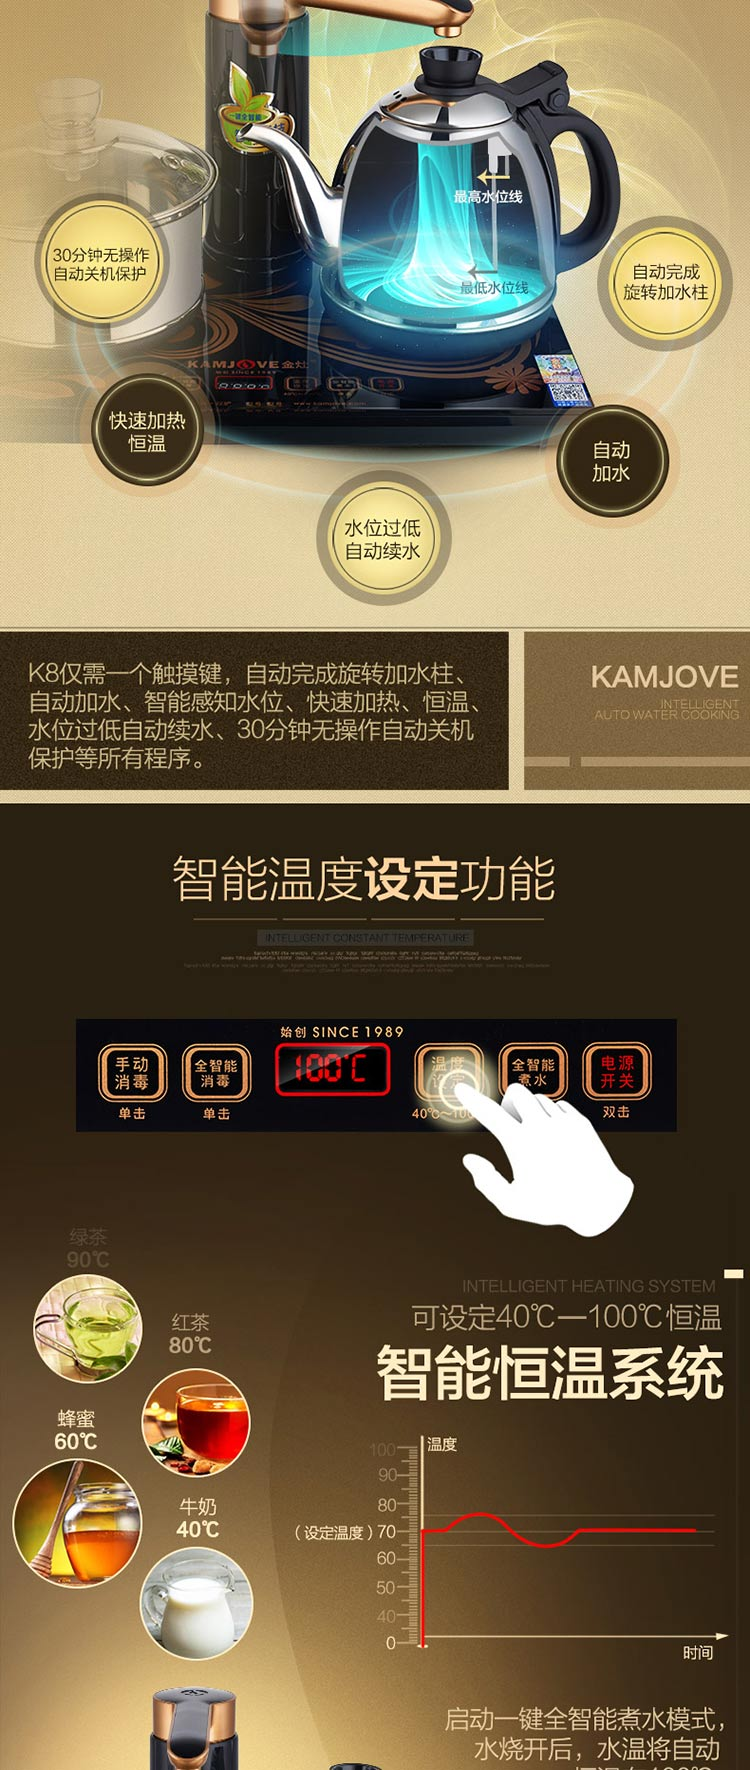 K8详情页【添加进水管】_03